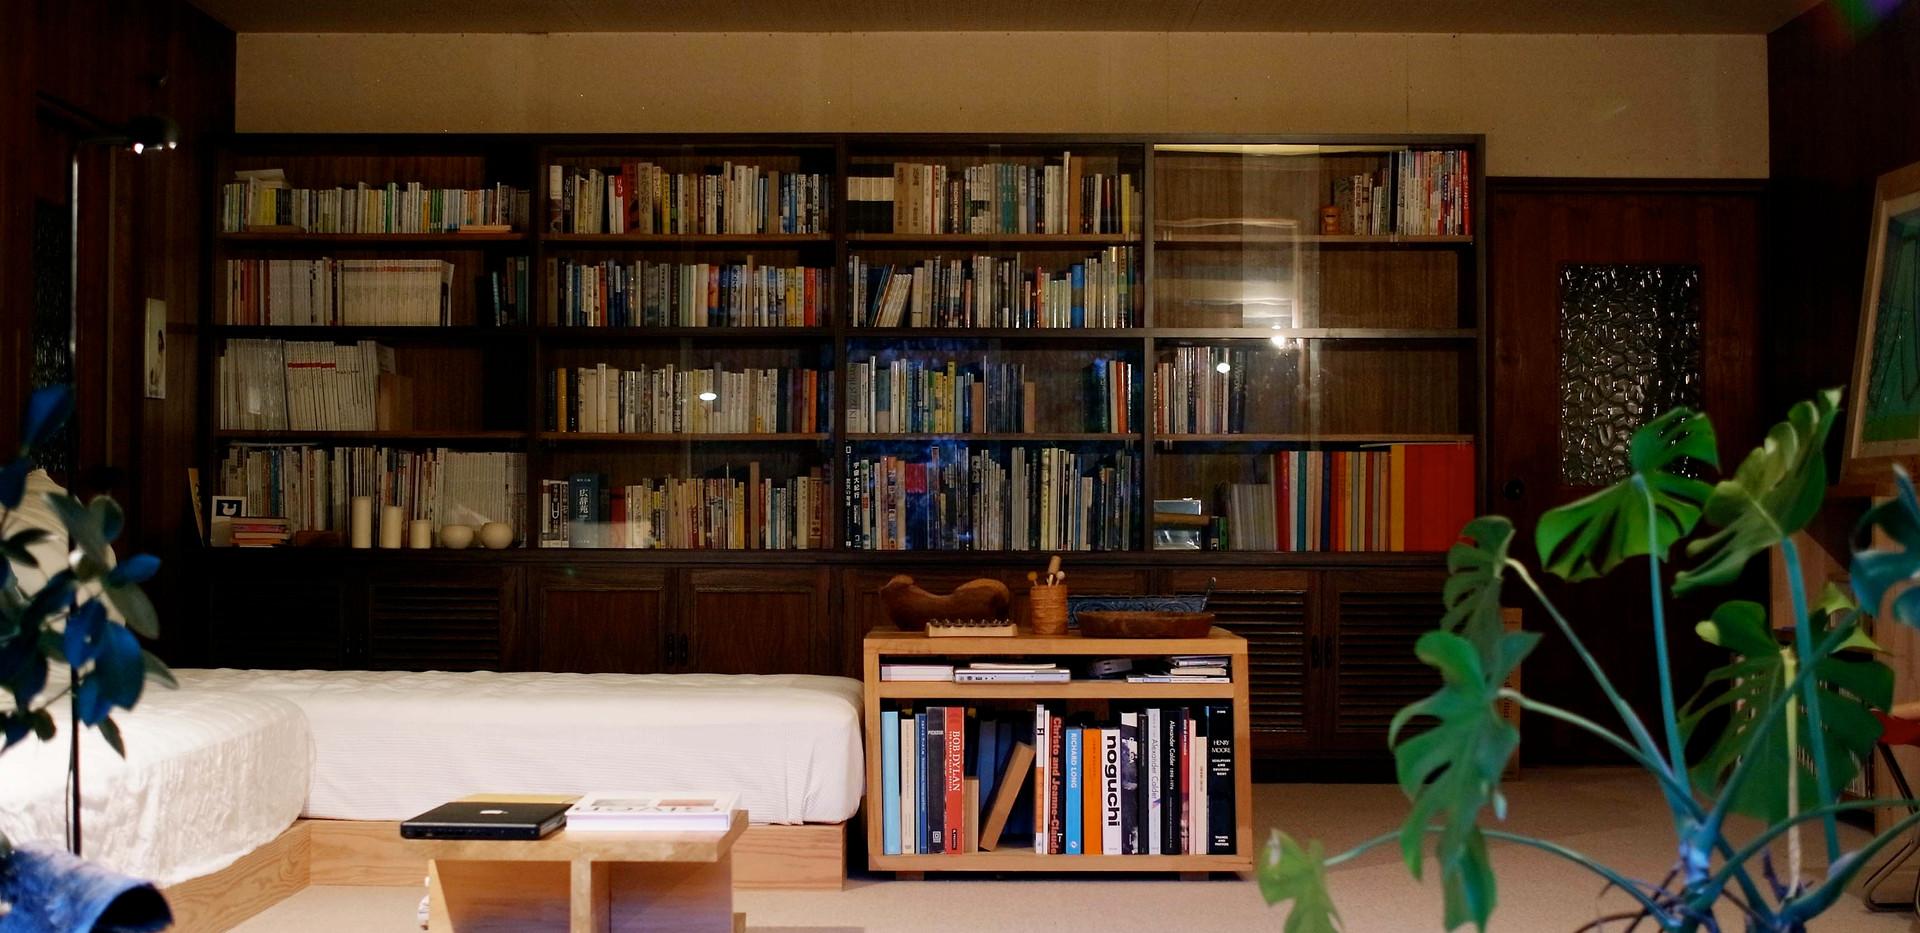 ふわふわになっていた床を補修して絨毯を貼りました。立派な本棚は既存です。